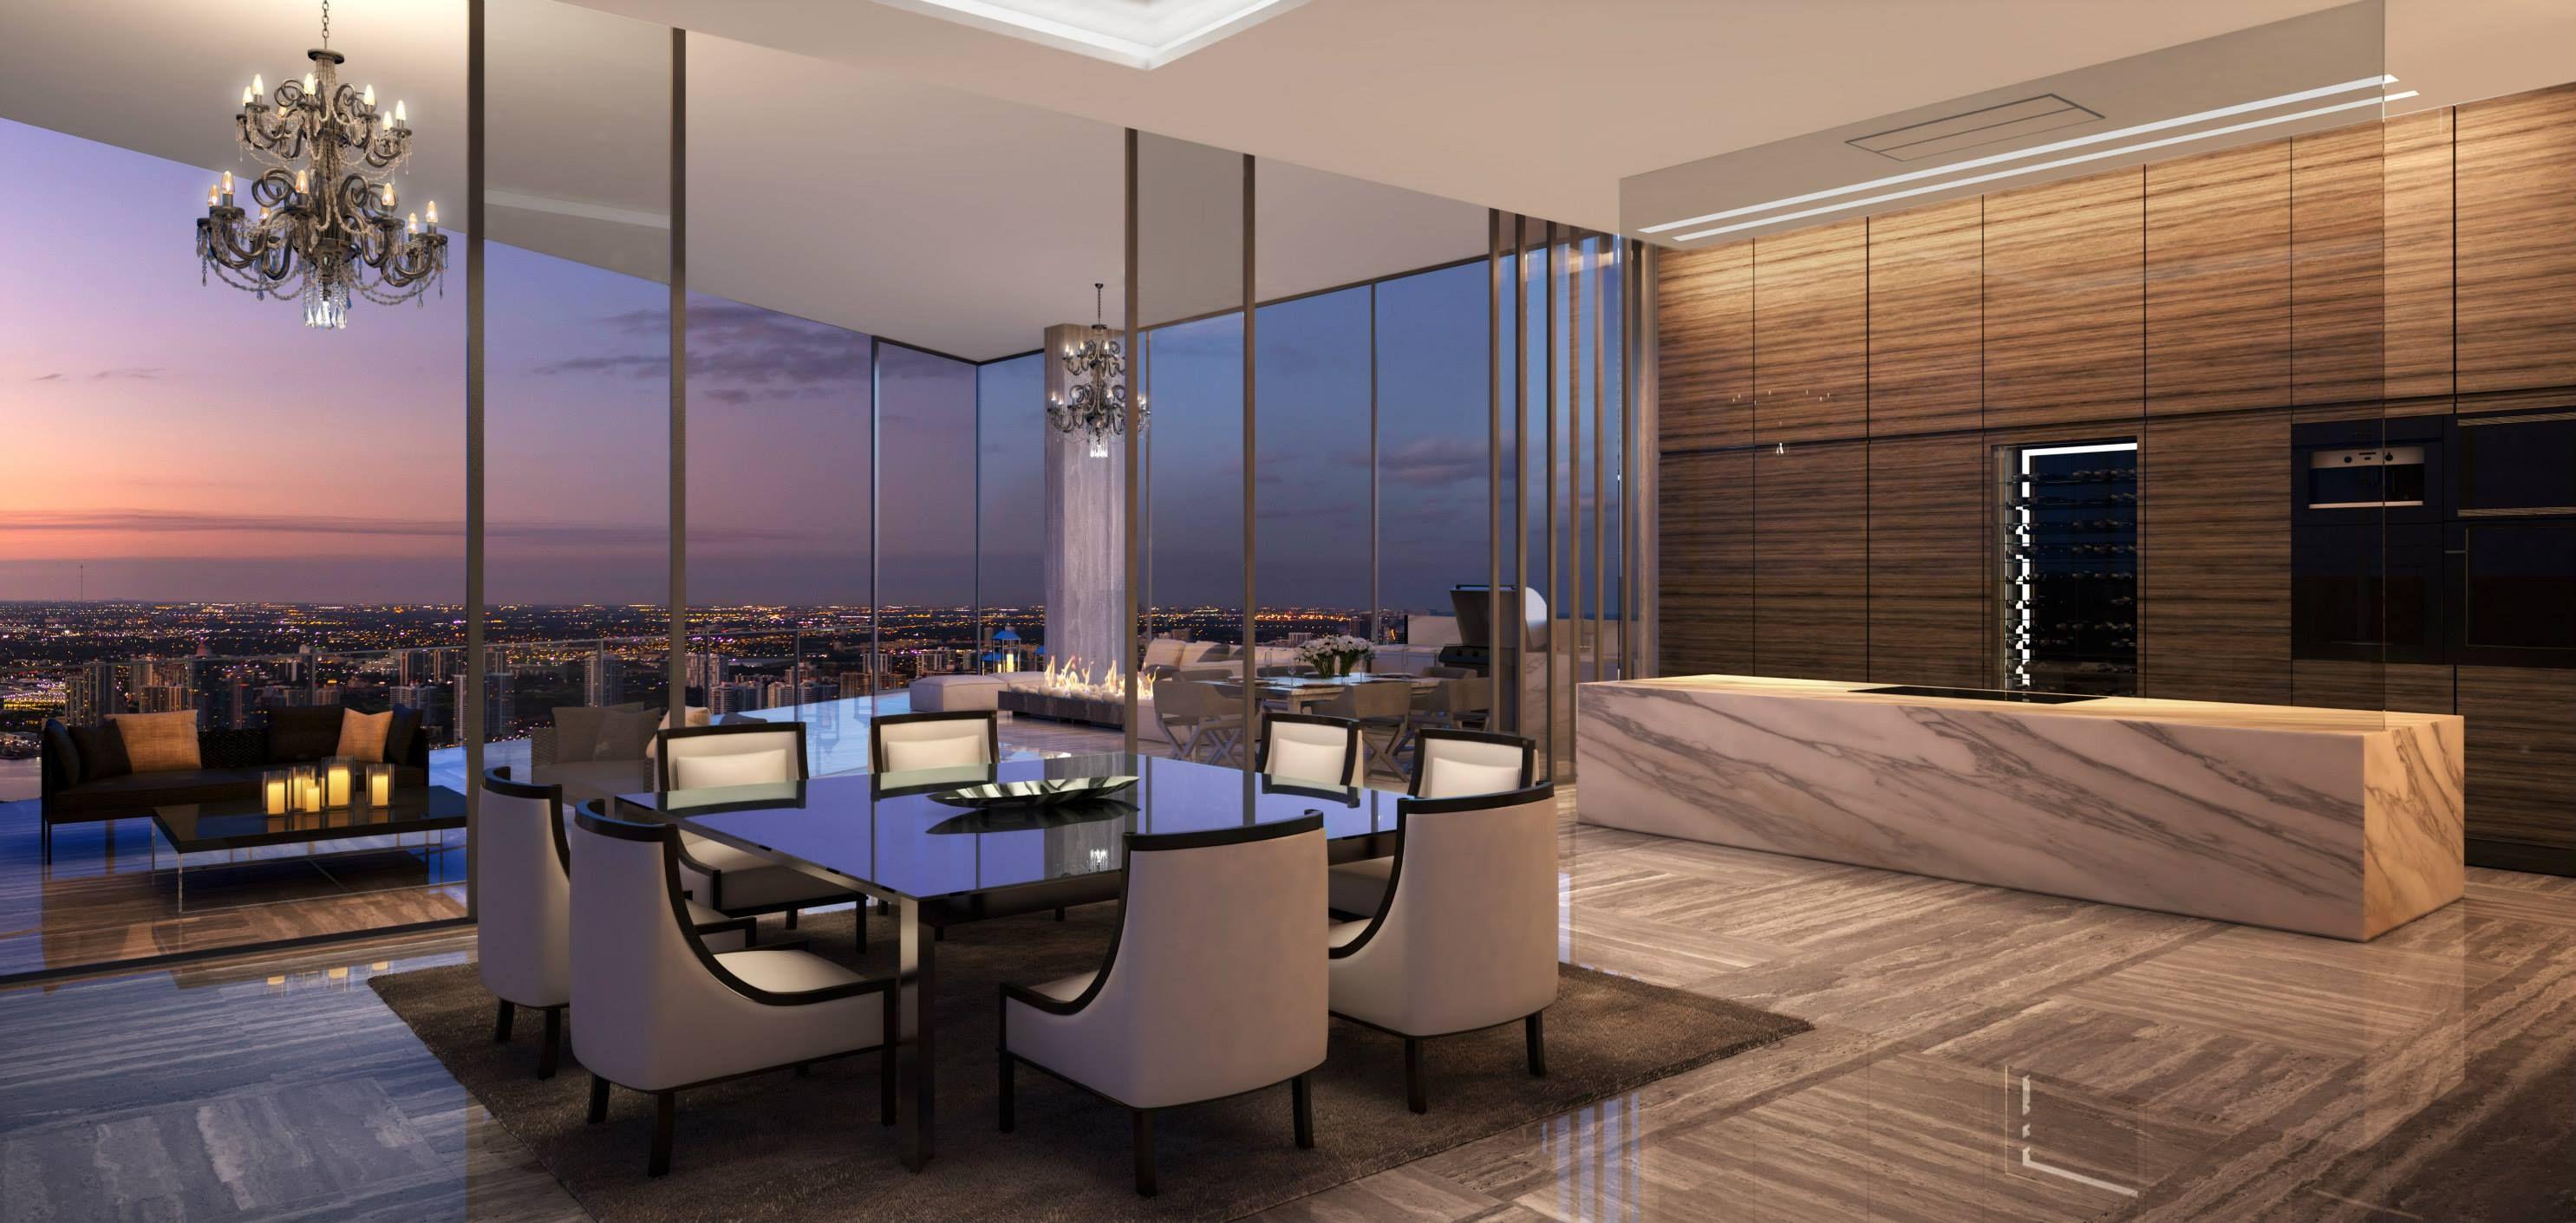 Mercer island luxury waterfront estate idesignarch interior design - House